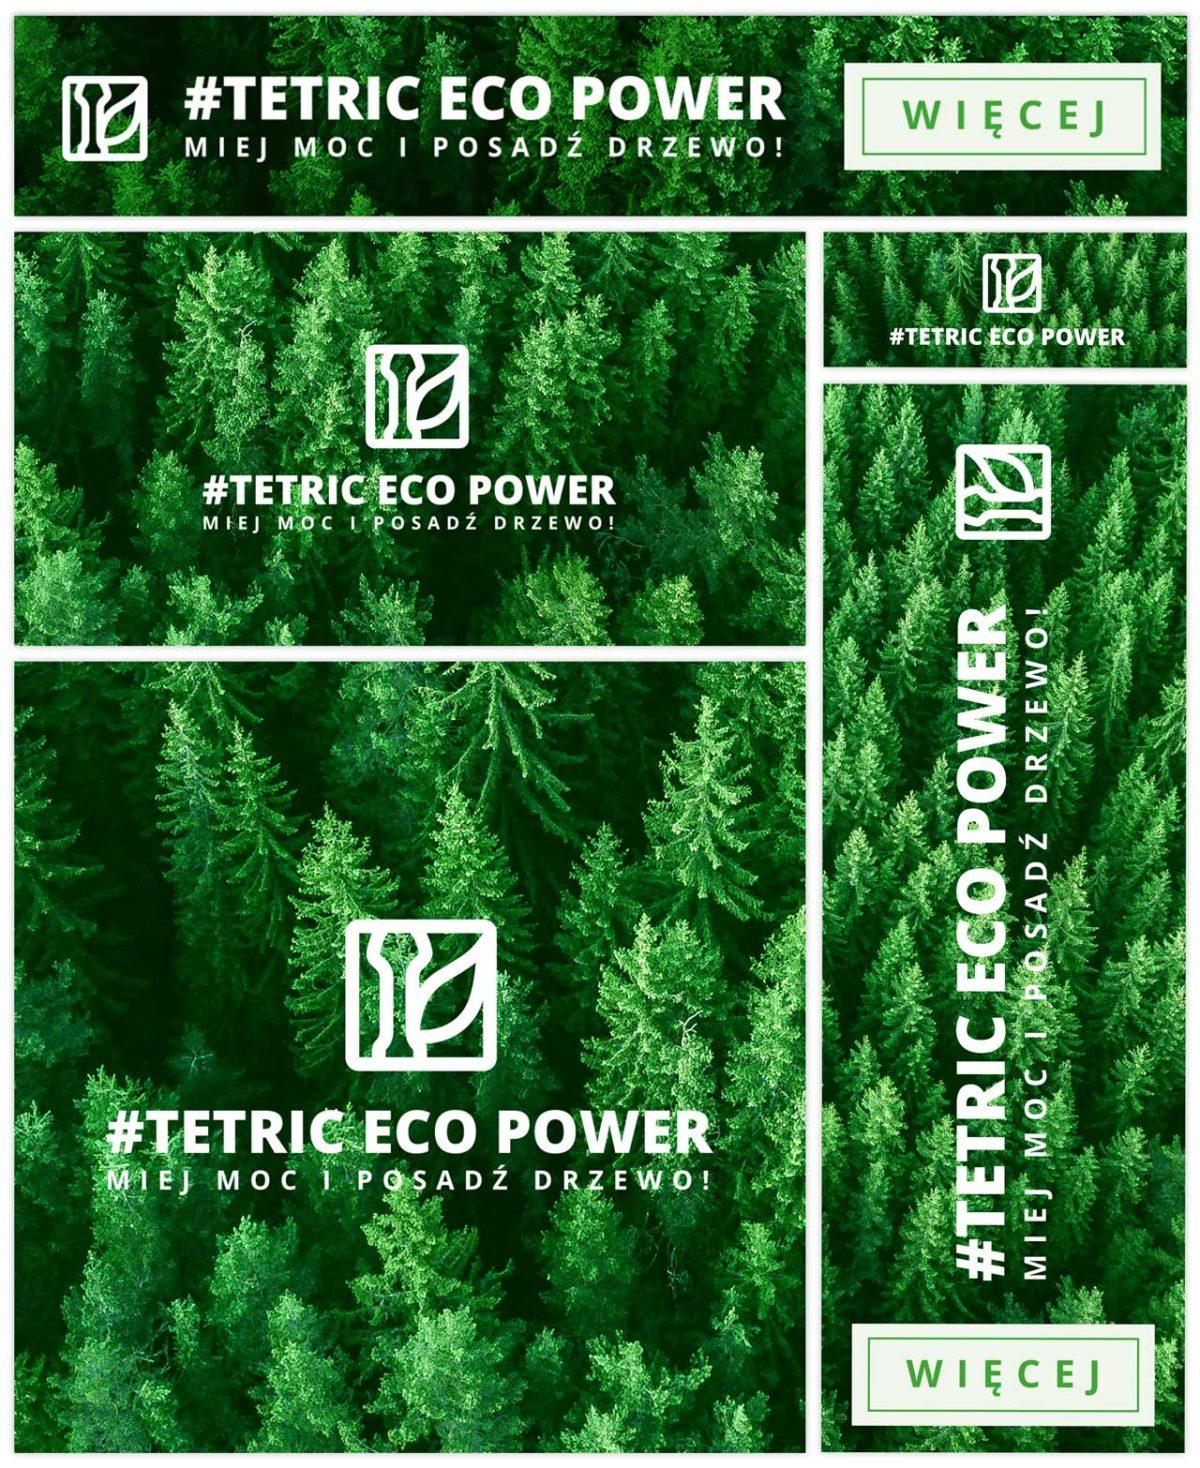 Przycisk CTA #Tetric Eco Power